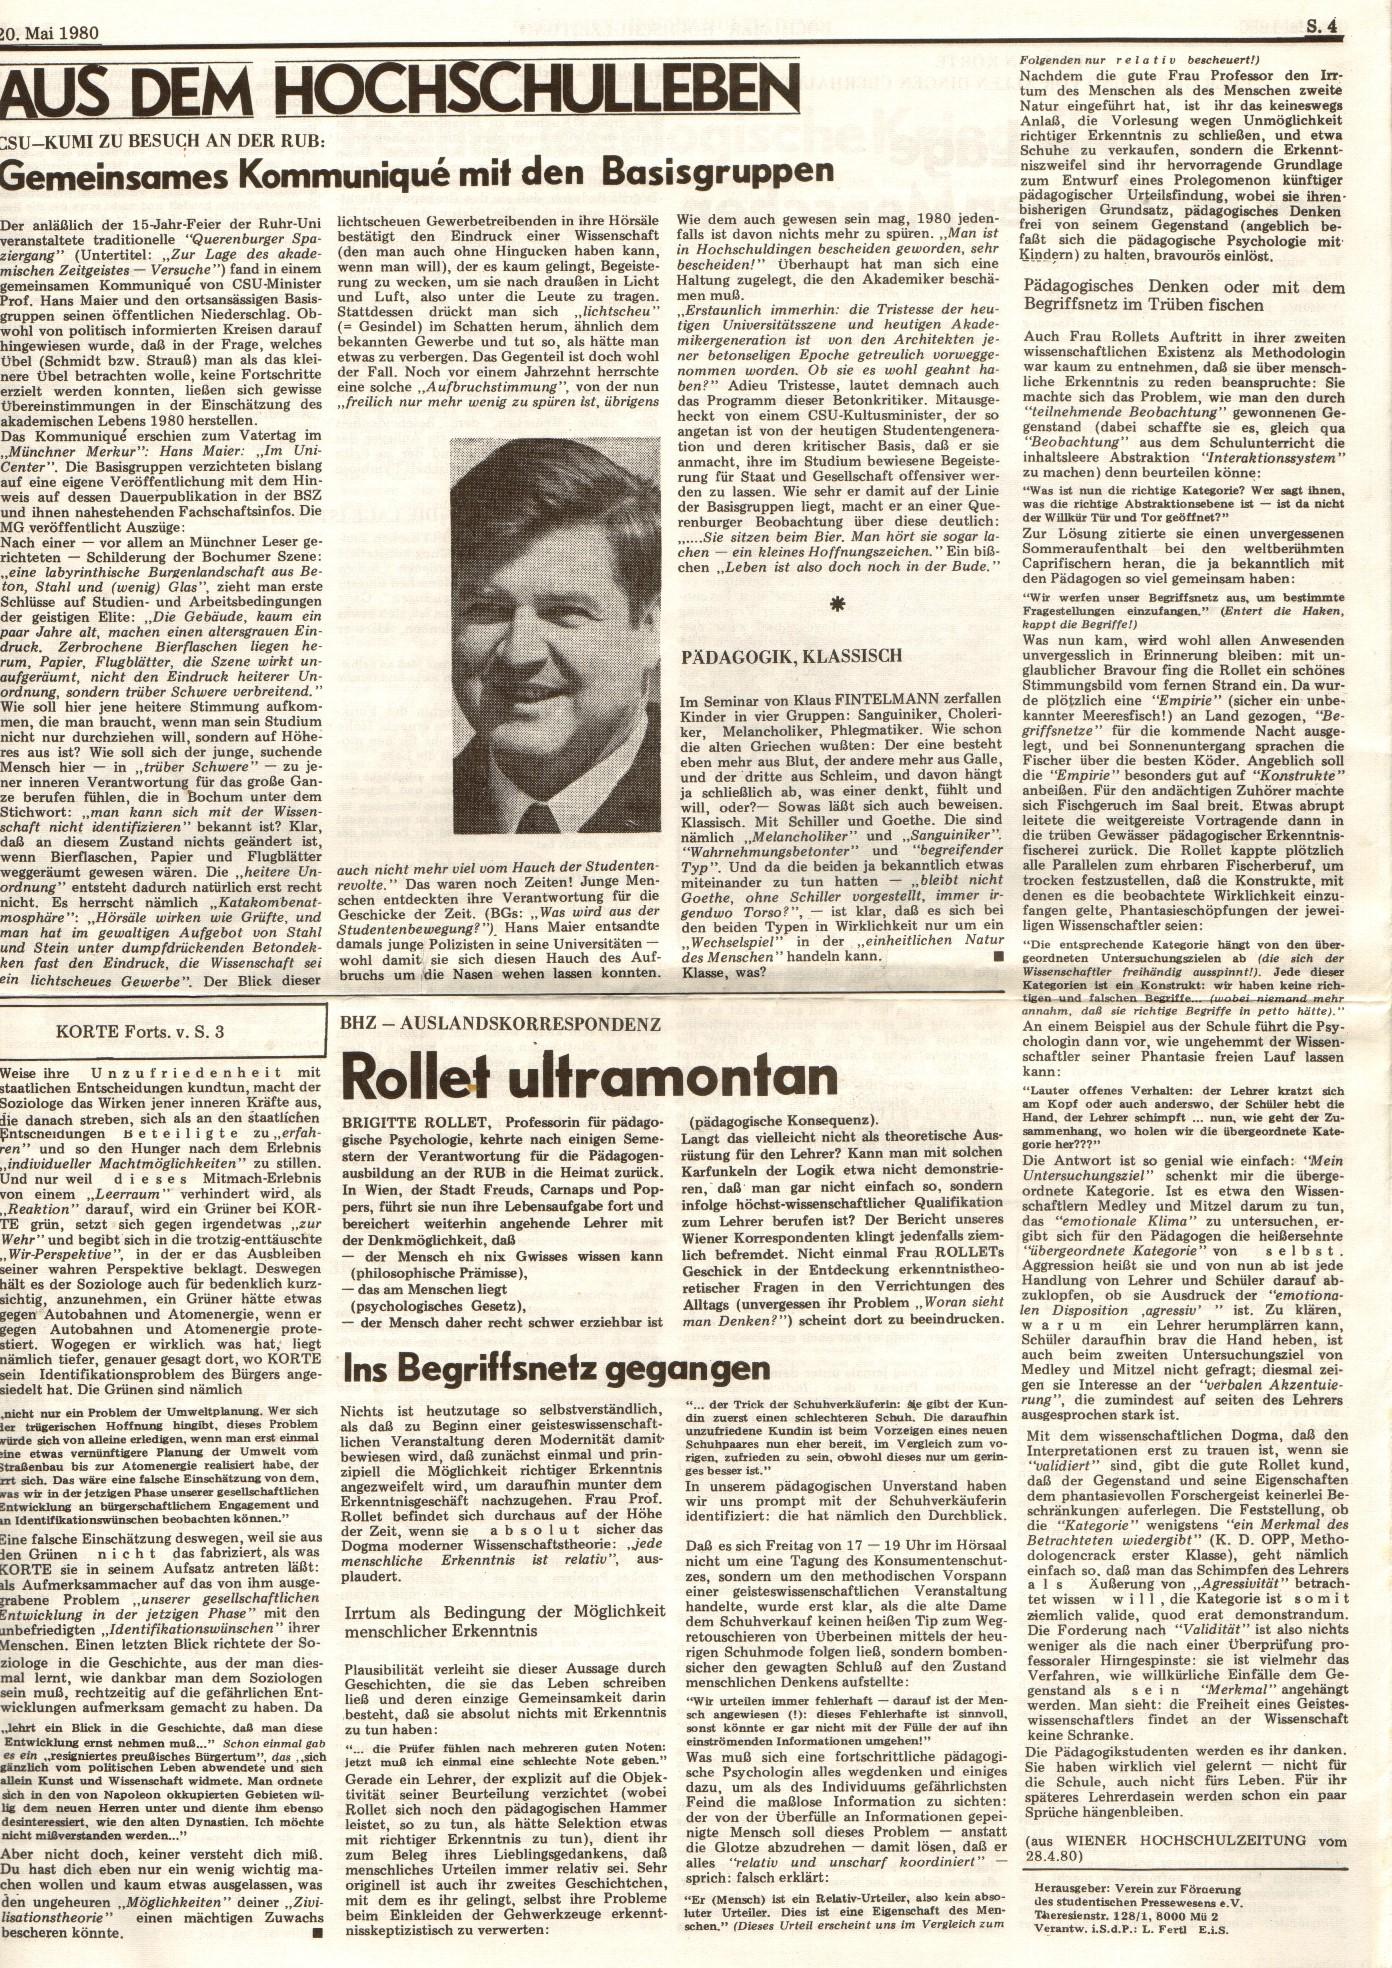 MG_Bochumer_Hochschulzeitung_19800520_04